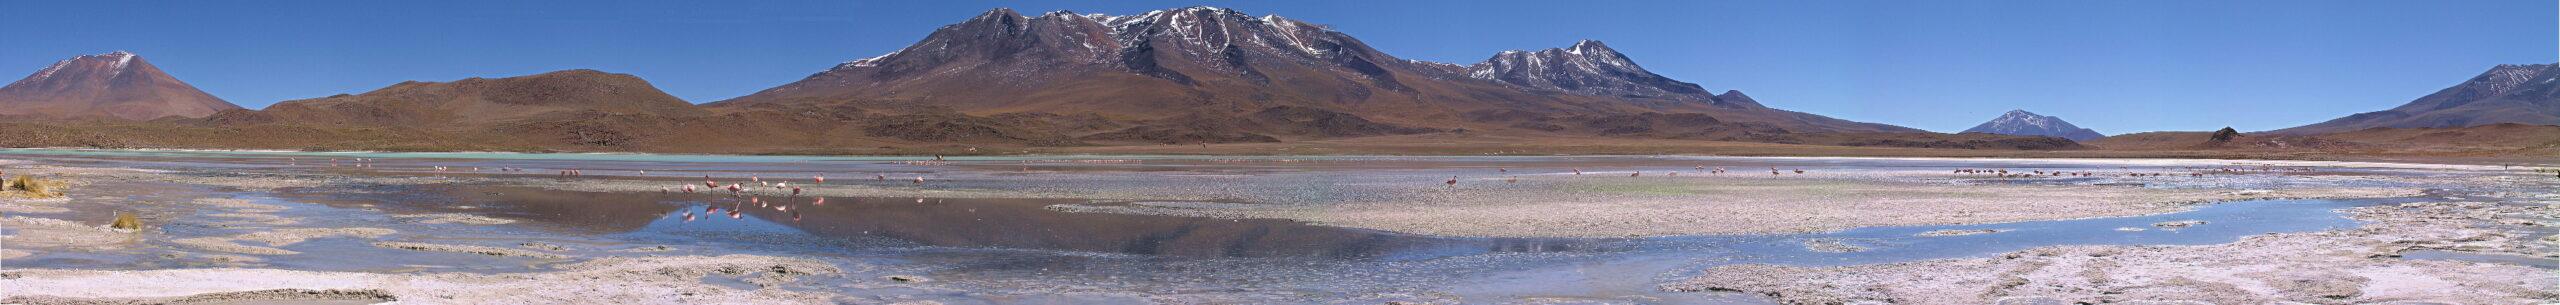 Bolivie communautaire : lac Titicaca, Salar de Uyuni, Potosi et La Paz